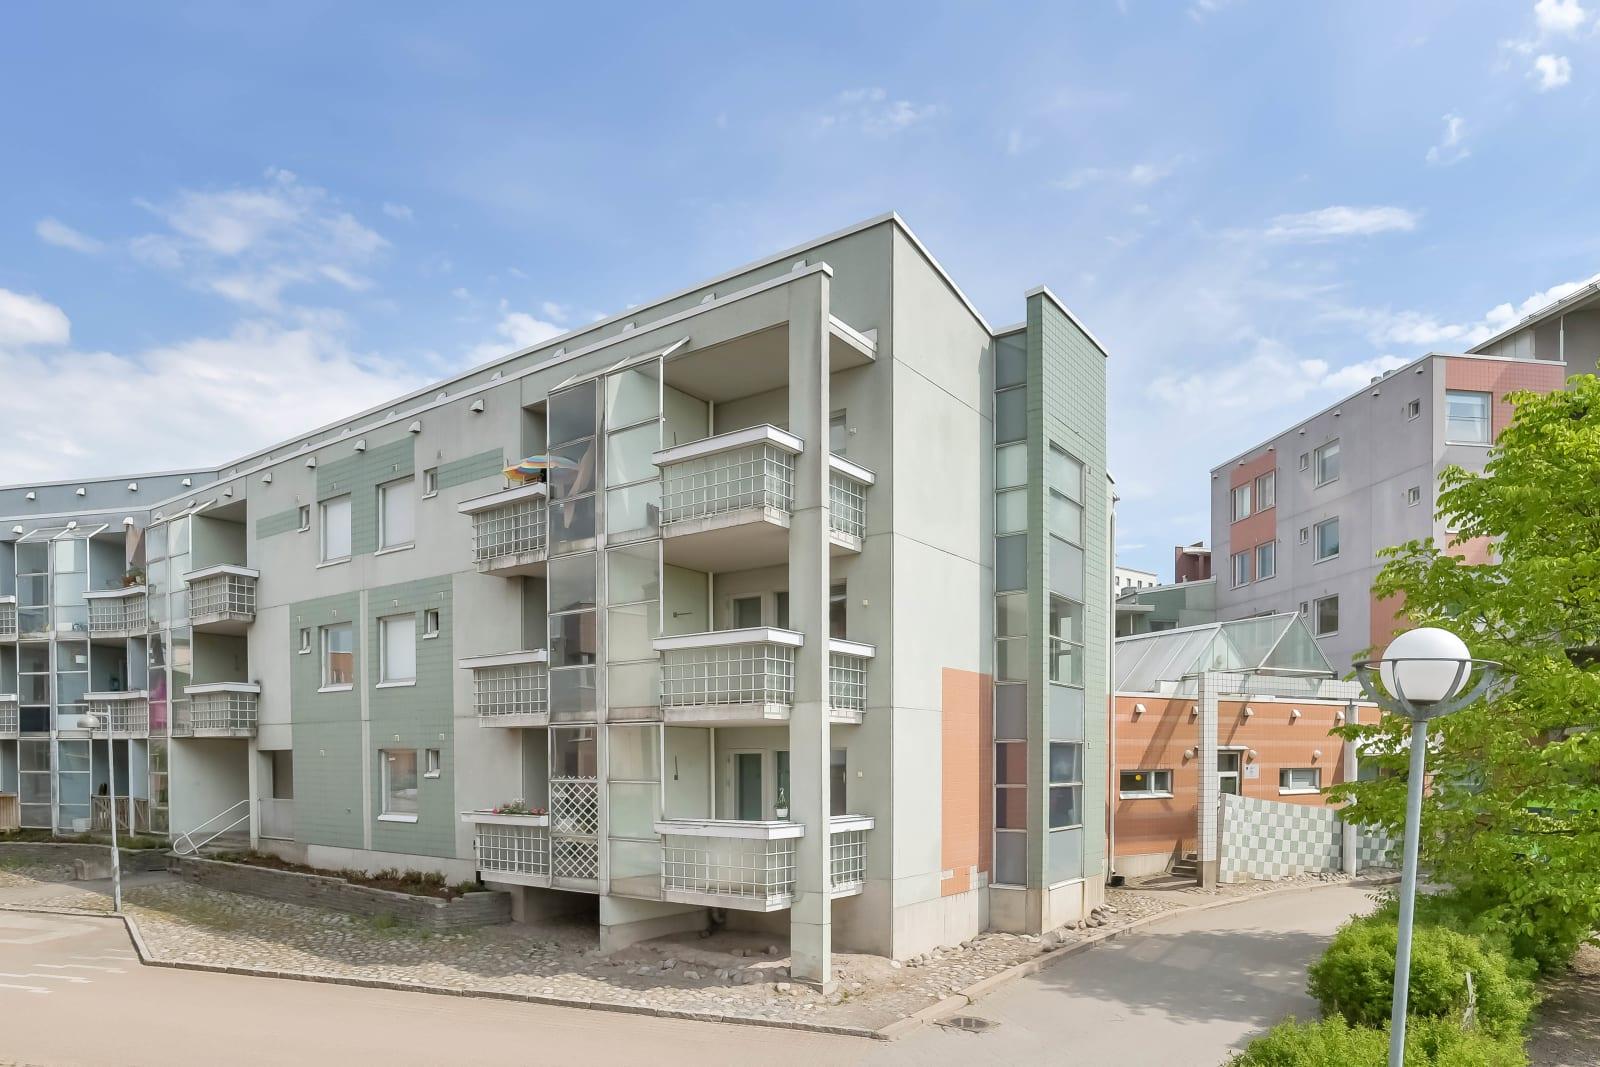 Helsinki, Pikku Huopalahti, Taavetinaukio 3, Taavetinkuja 11